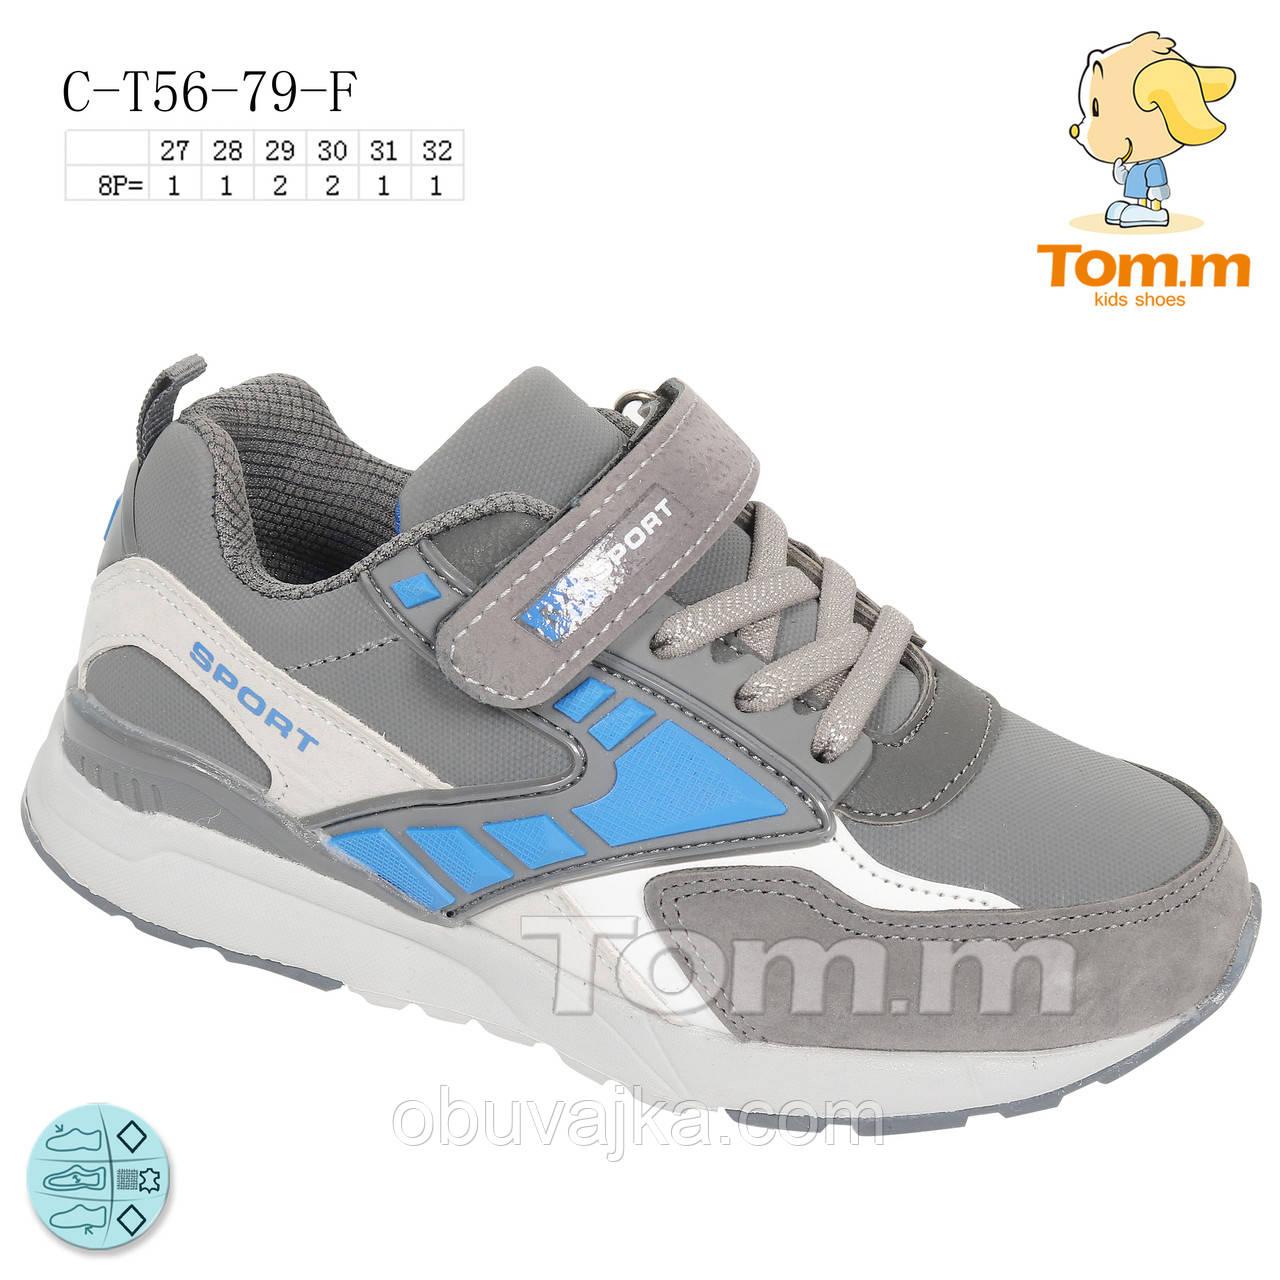 Спортивная обувь оптом Детские кроссовки 2019 оптом от фирмы Tom m(27-32)